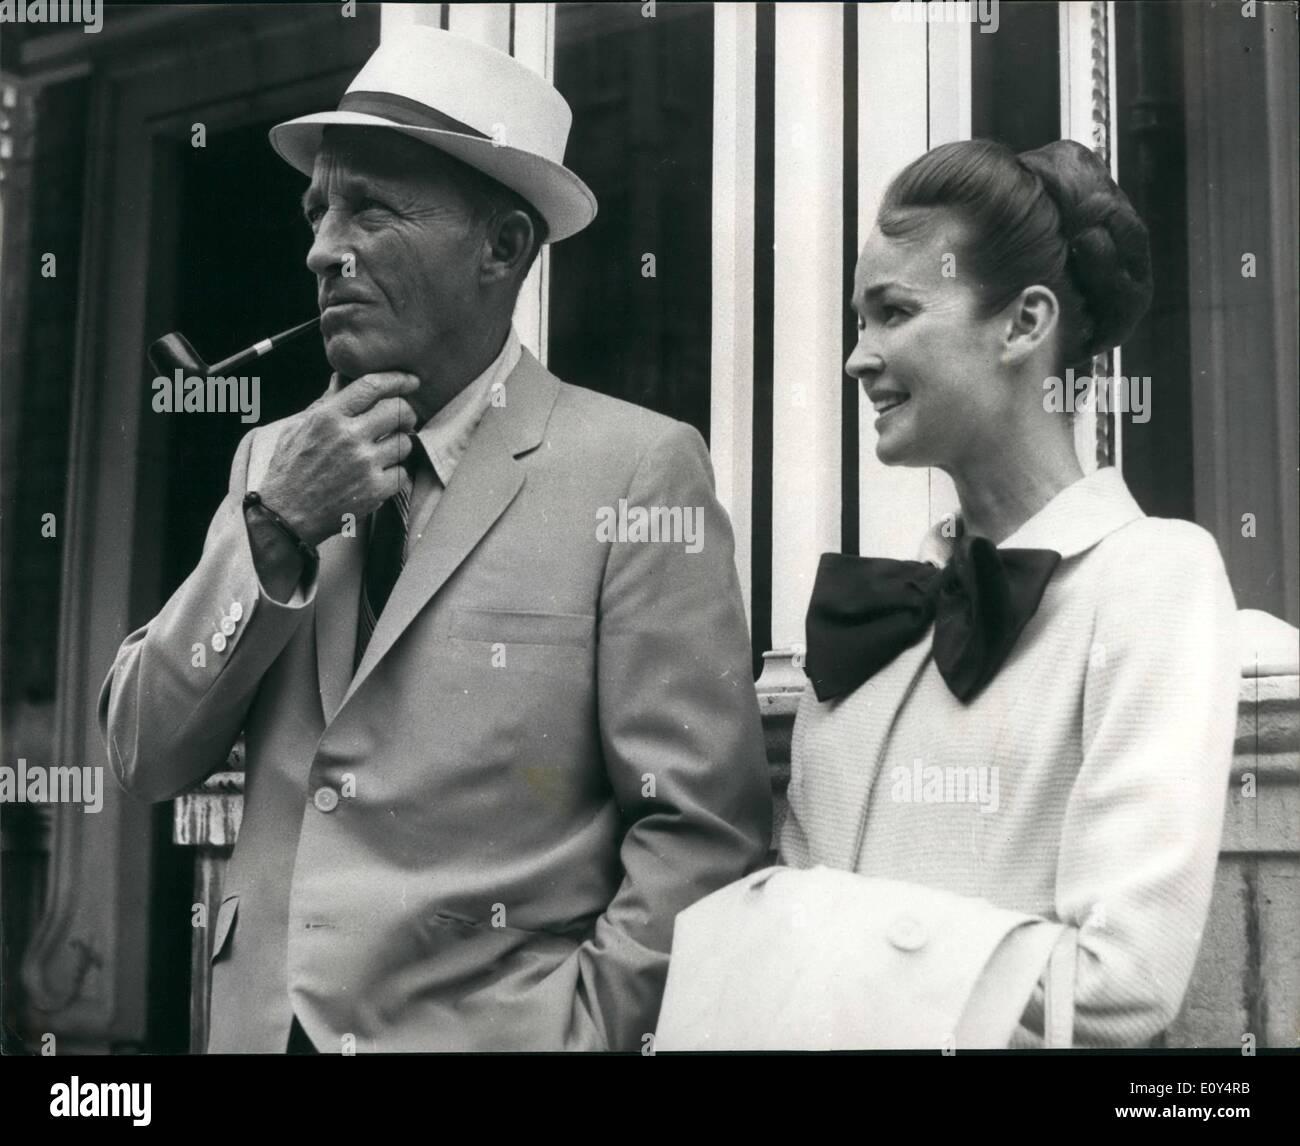 Agosto 08, 1968 - Bing Crosby e sua moglie a Londra: Bing Crosby ...